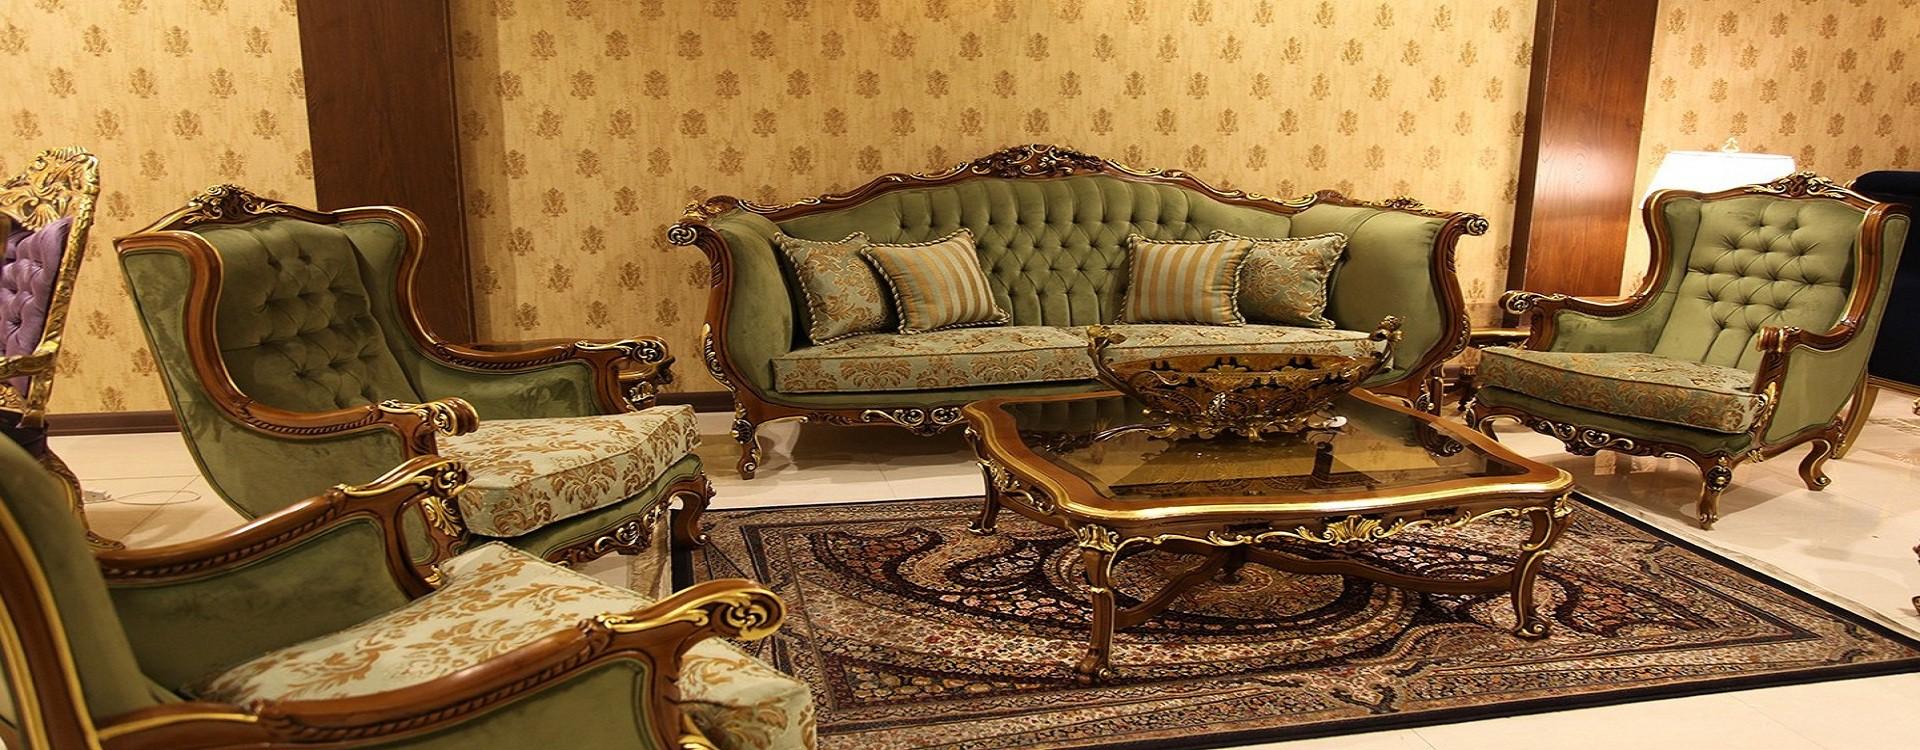 طرح های جدید کوسن کلاسیک برای مبل استیل و سلطنتی